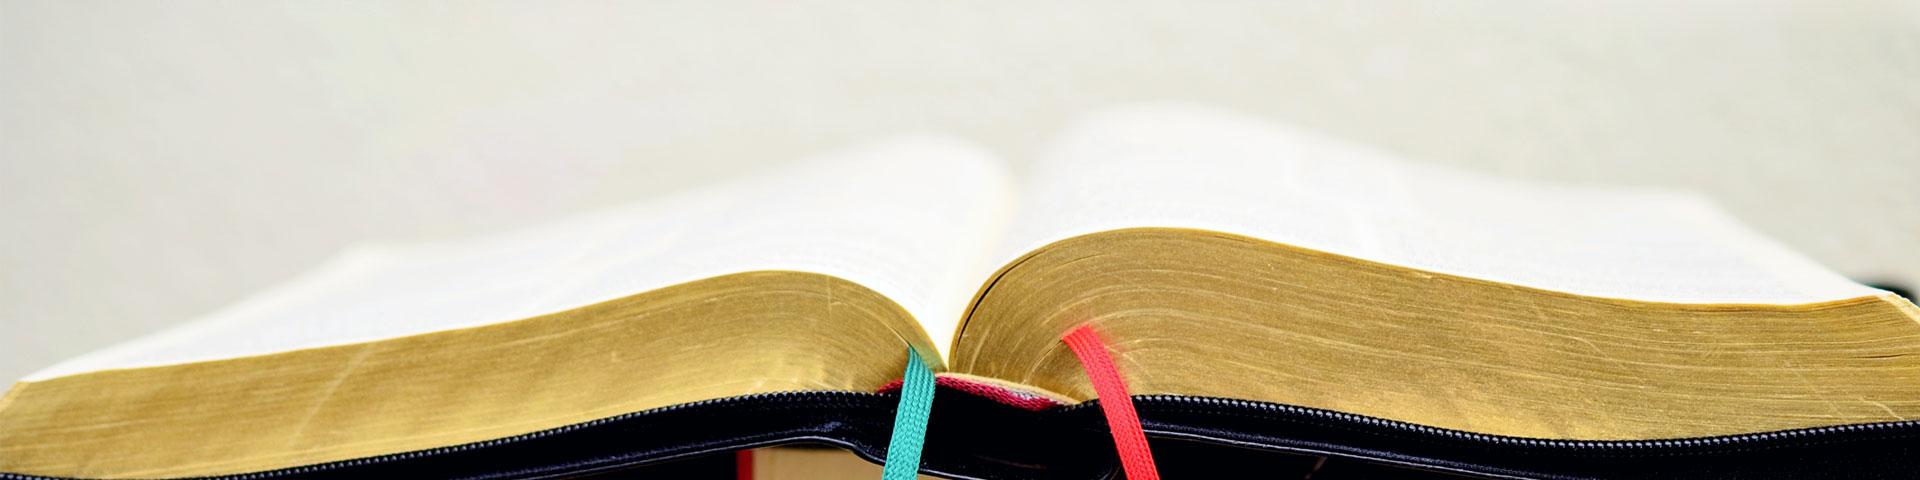 Das Superbuch - Entdecke die Bibel